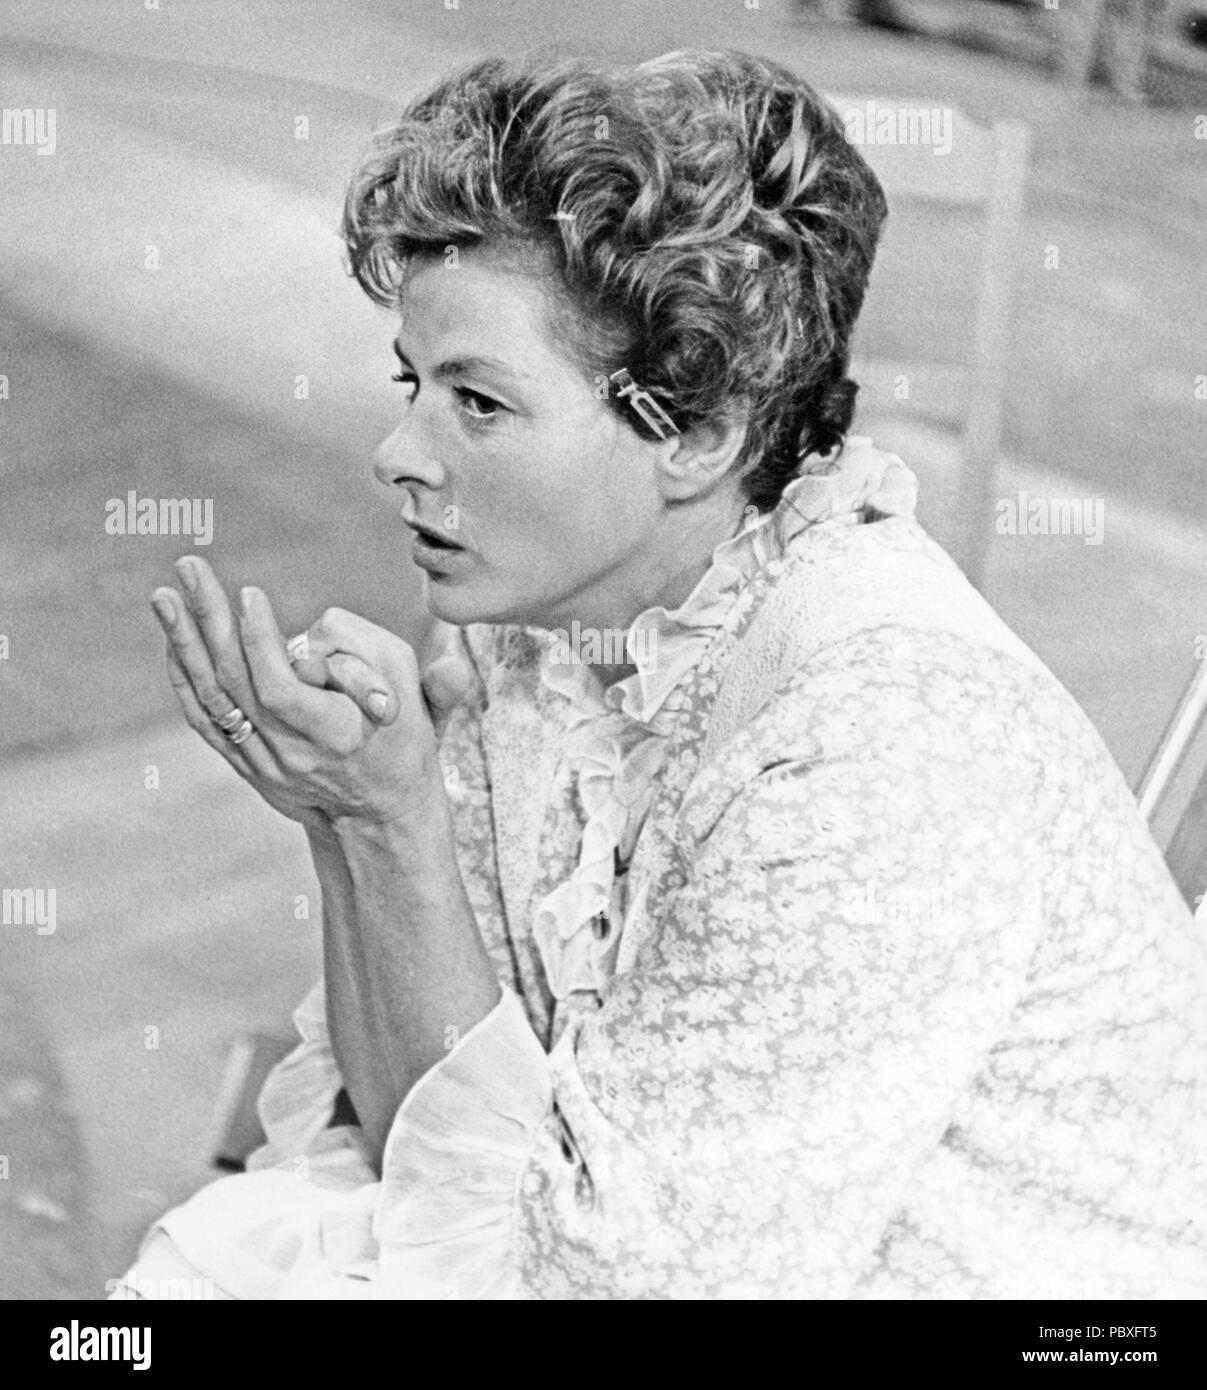 Ingrid Bergman. 1915-1982. Schwedische Schauspielerin. Hier dargestellt, während der Dreharbeiten zu der Anthologie film Stimulantia. Der Film wurde in verschiedene Teile und Ingmar Bergman Regie einer von ihnen geteilt. Stockbild